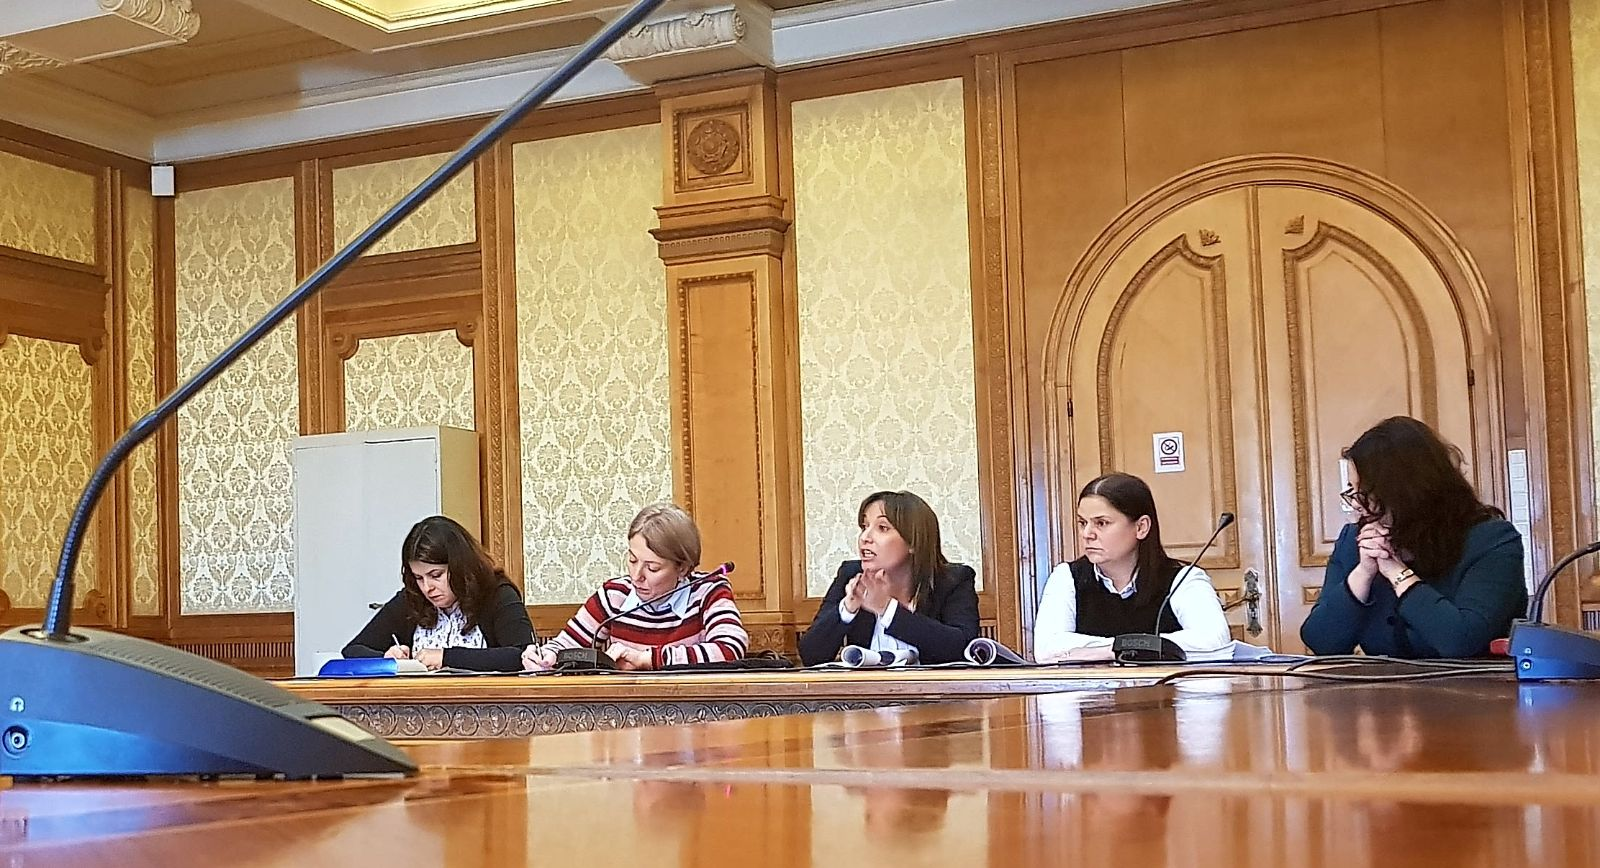 UPFR a participat la sedinta organizata de Comisia pentru cultura, arte,mijloace de informare in masa